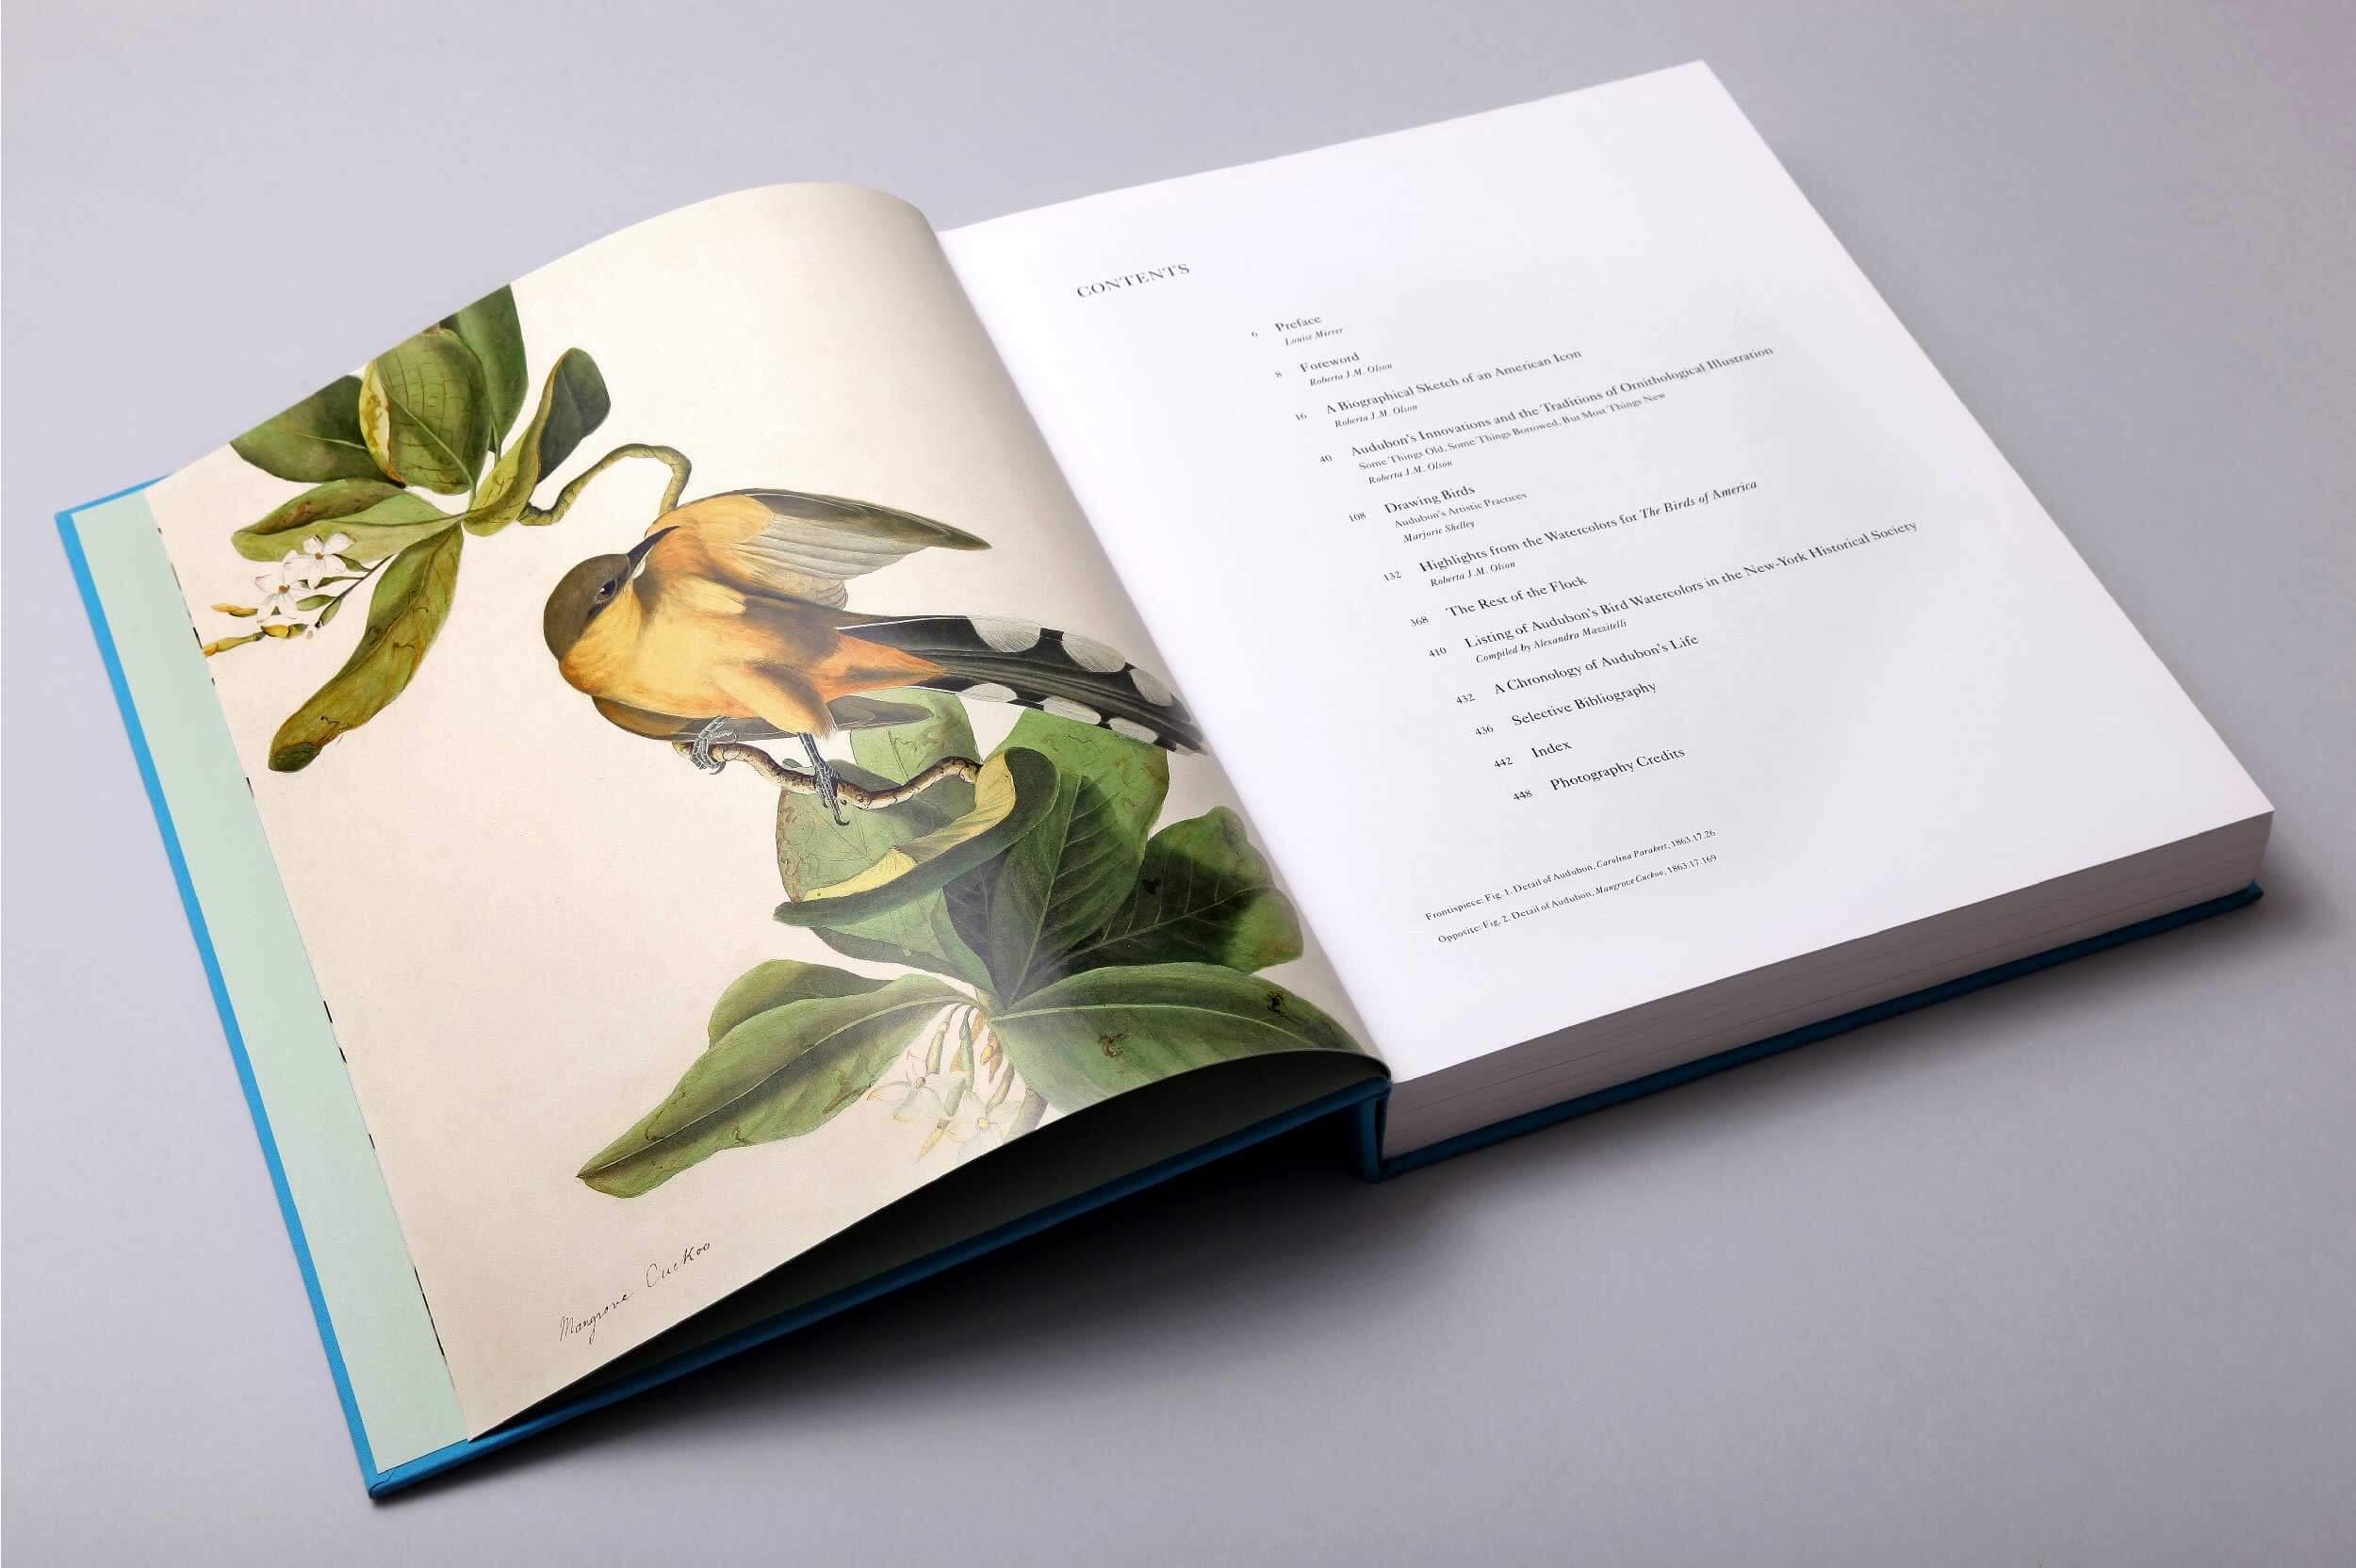 audubons-aviary-2